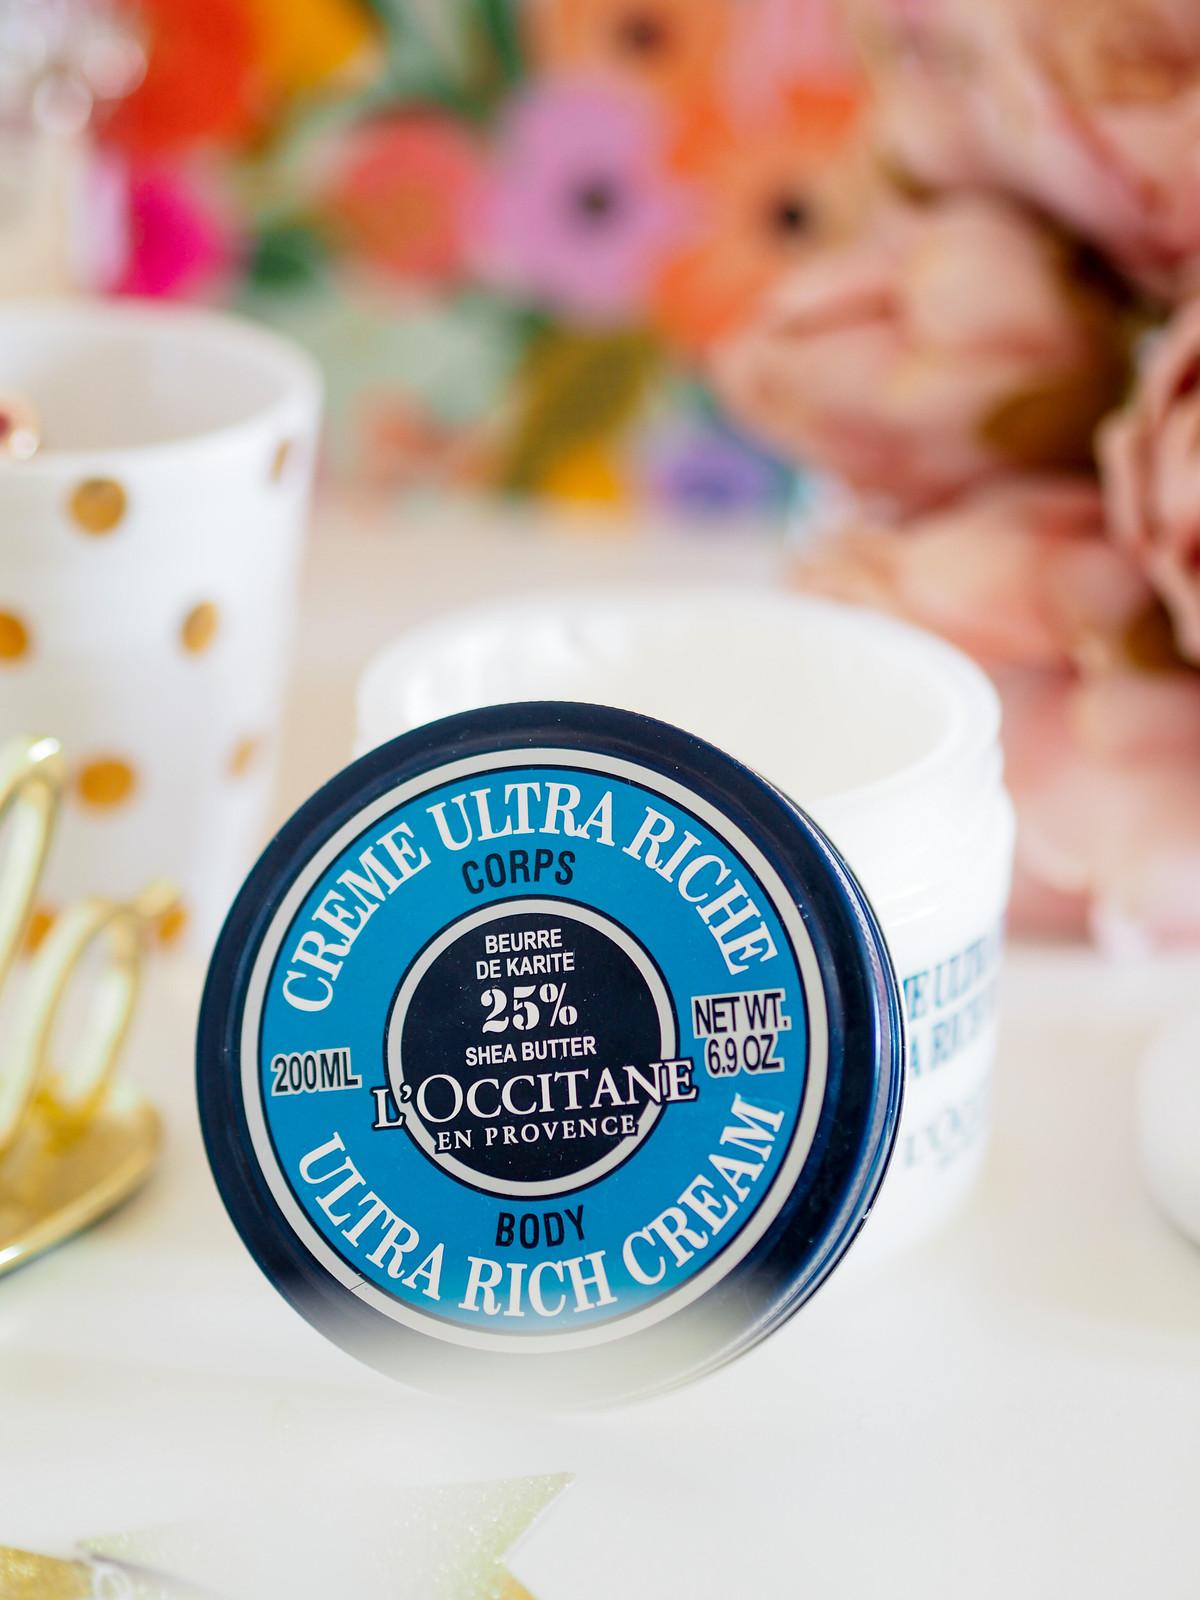 L'occitane 25% Shea cream body